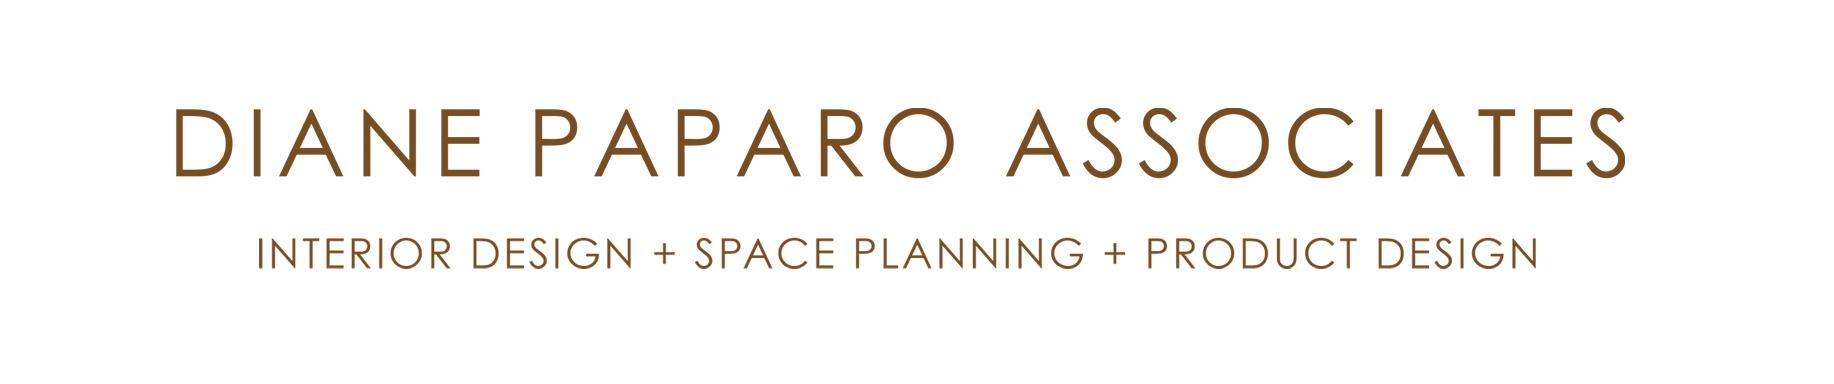 Diane Paparo Associates